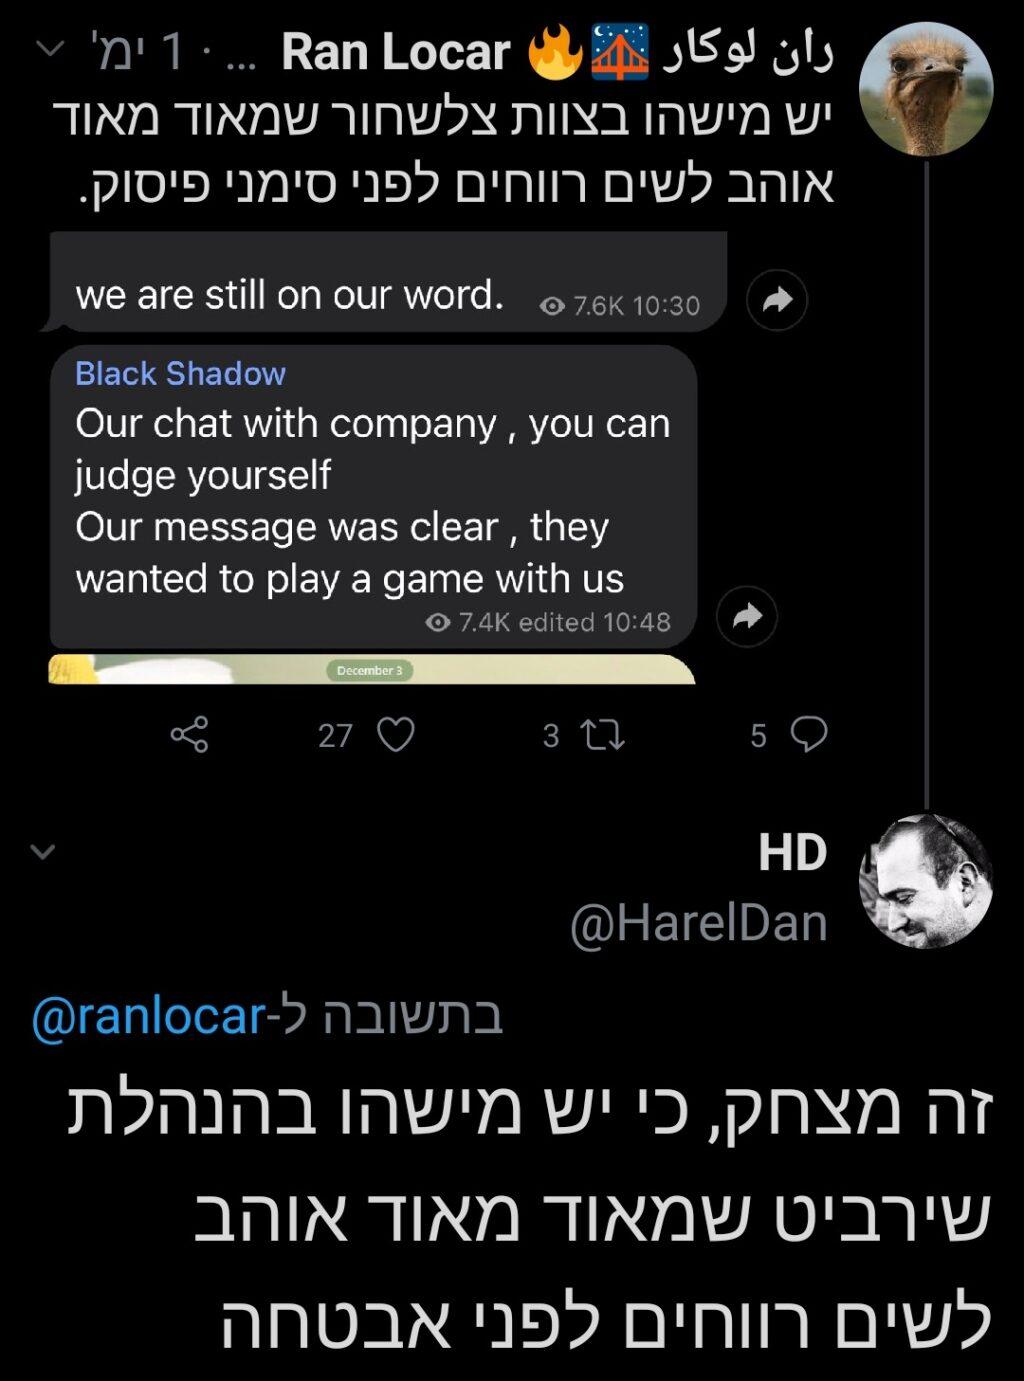 בדיחת שירביט - רן לוקאר והראל דן